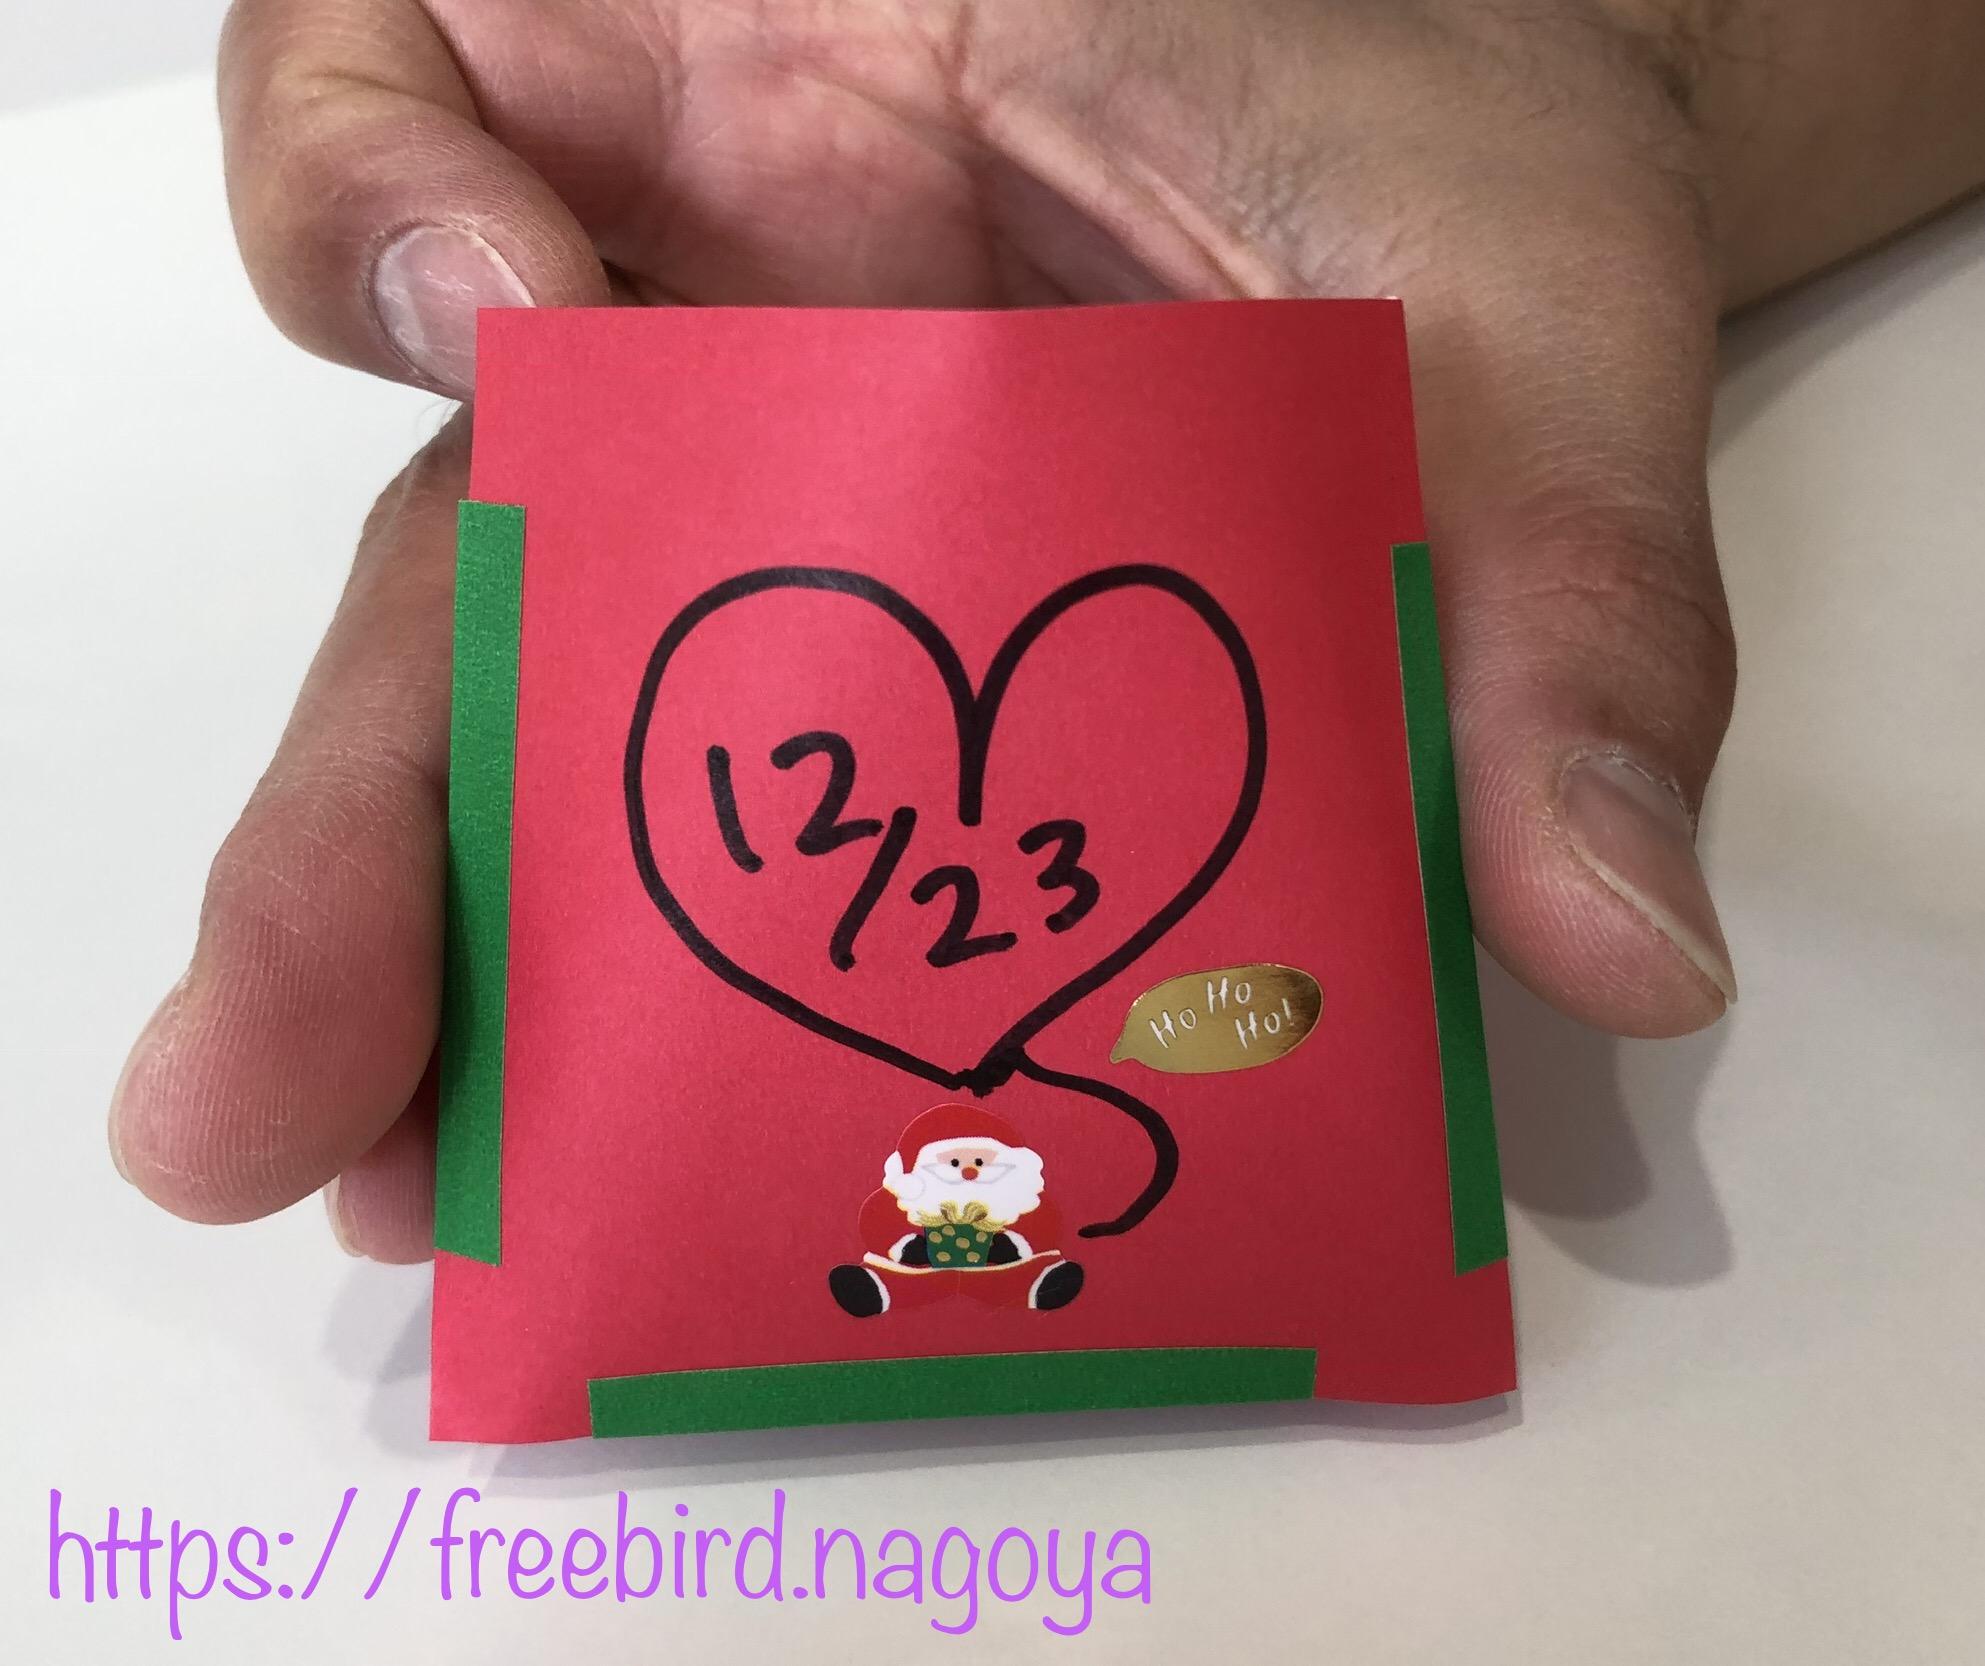 アドベントカレンダーの折り紙での作り方